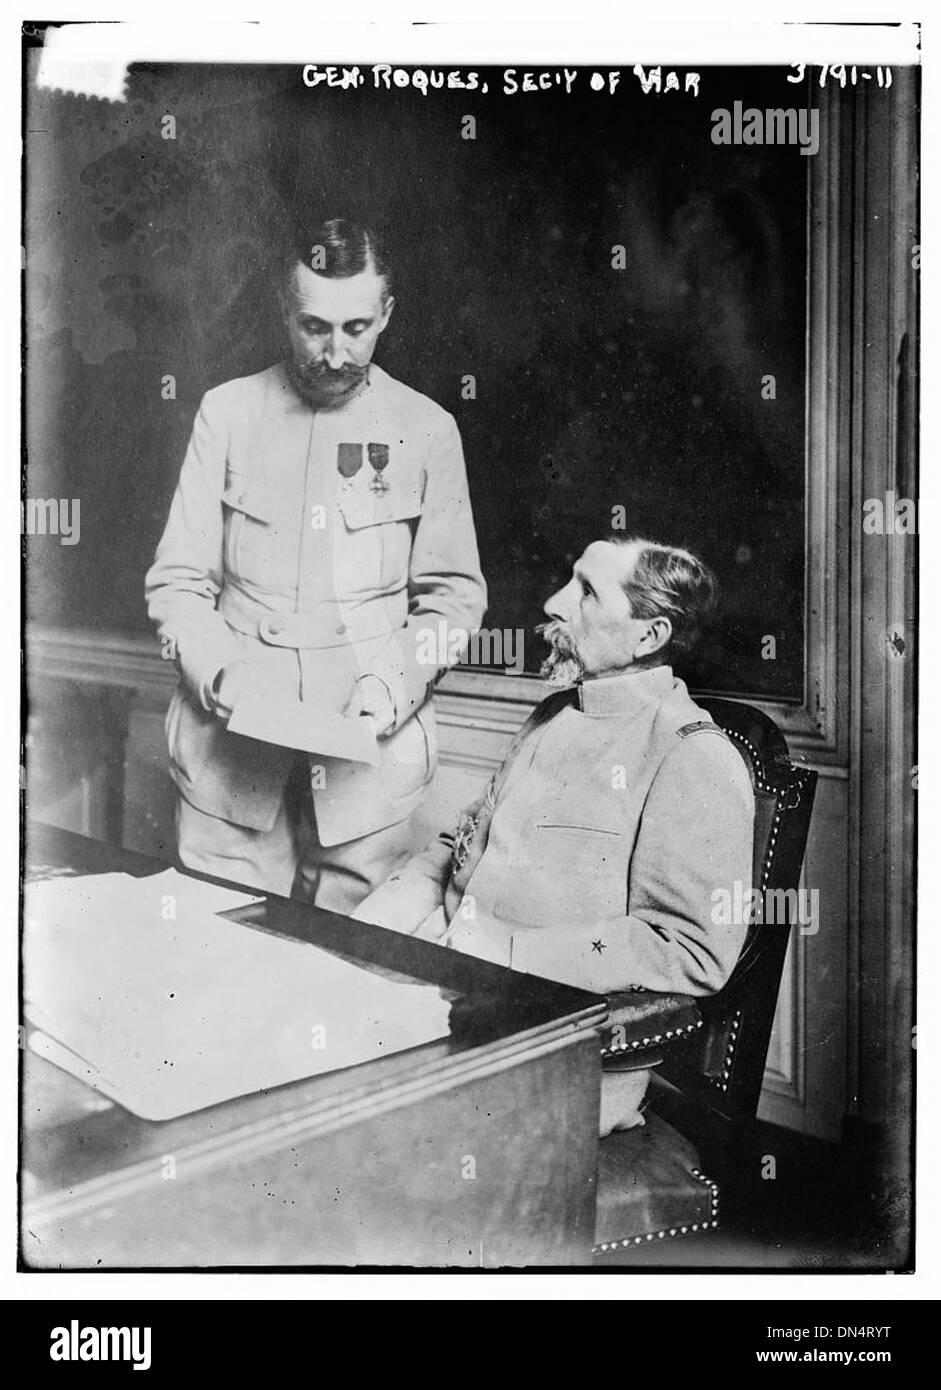 Gen. Roques, Sec. of War (LOC) - Stock Image